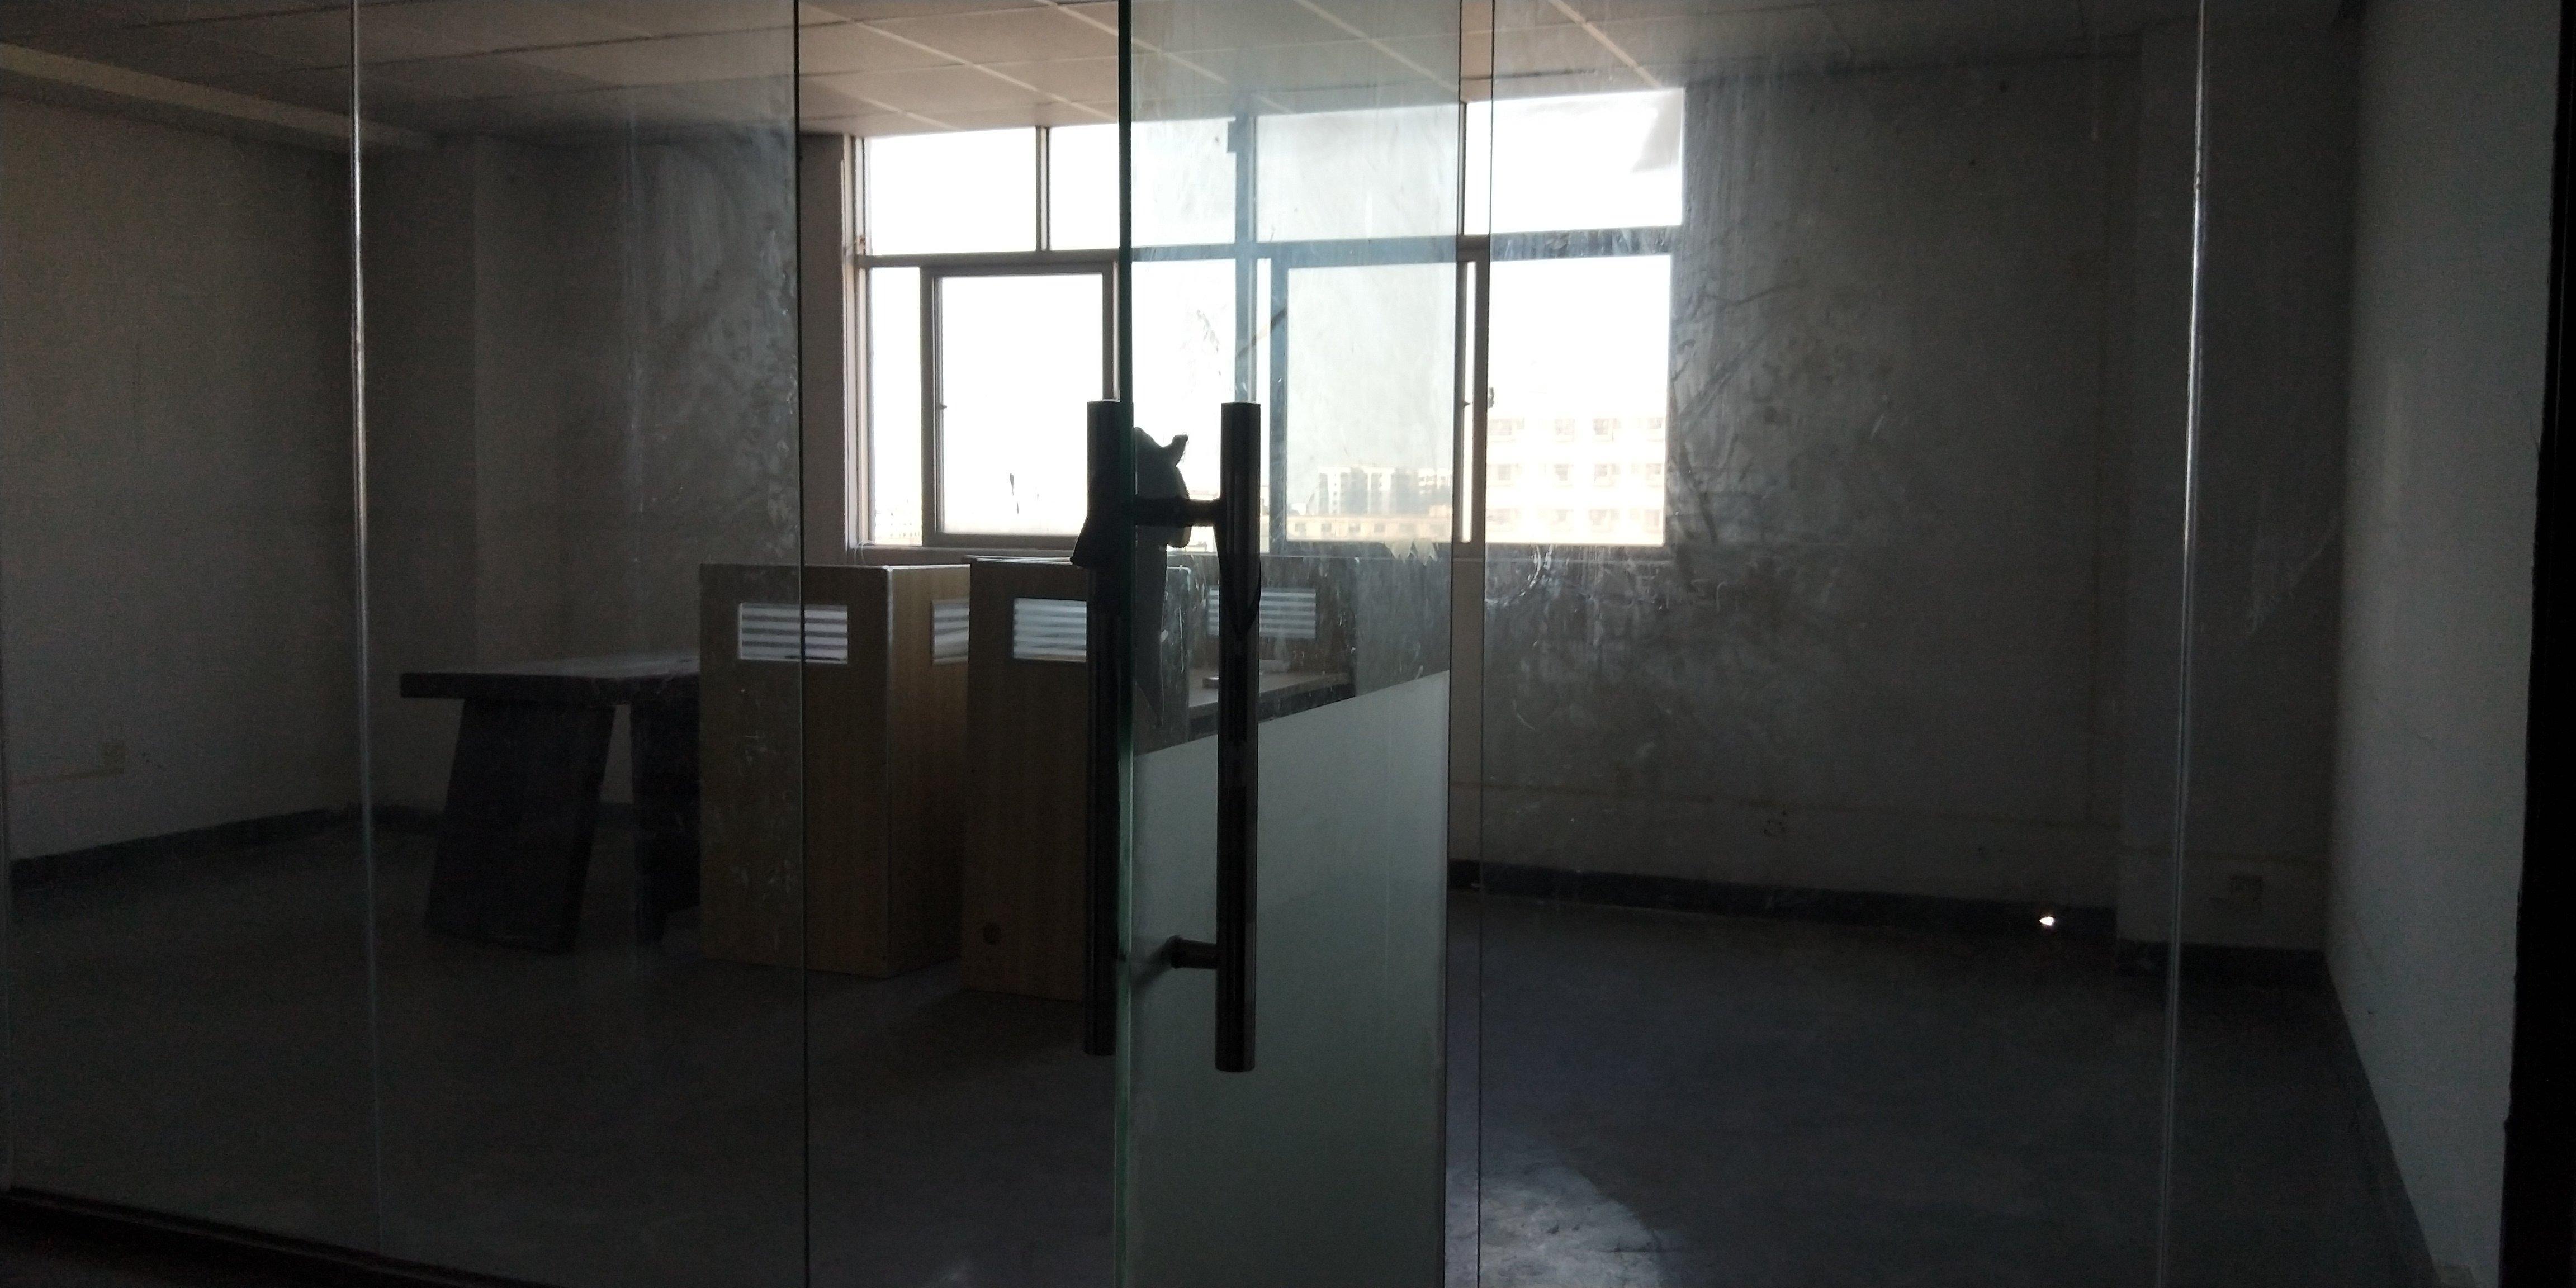 西乡固戍南昌公园附近小面积可办公可做小加工厂房出租-图6